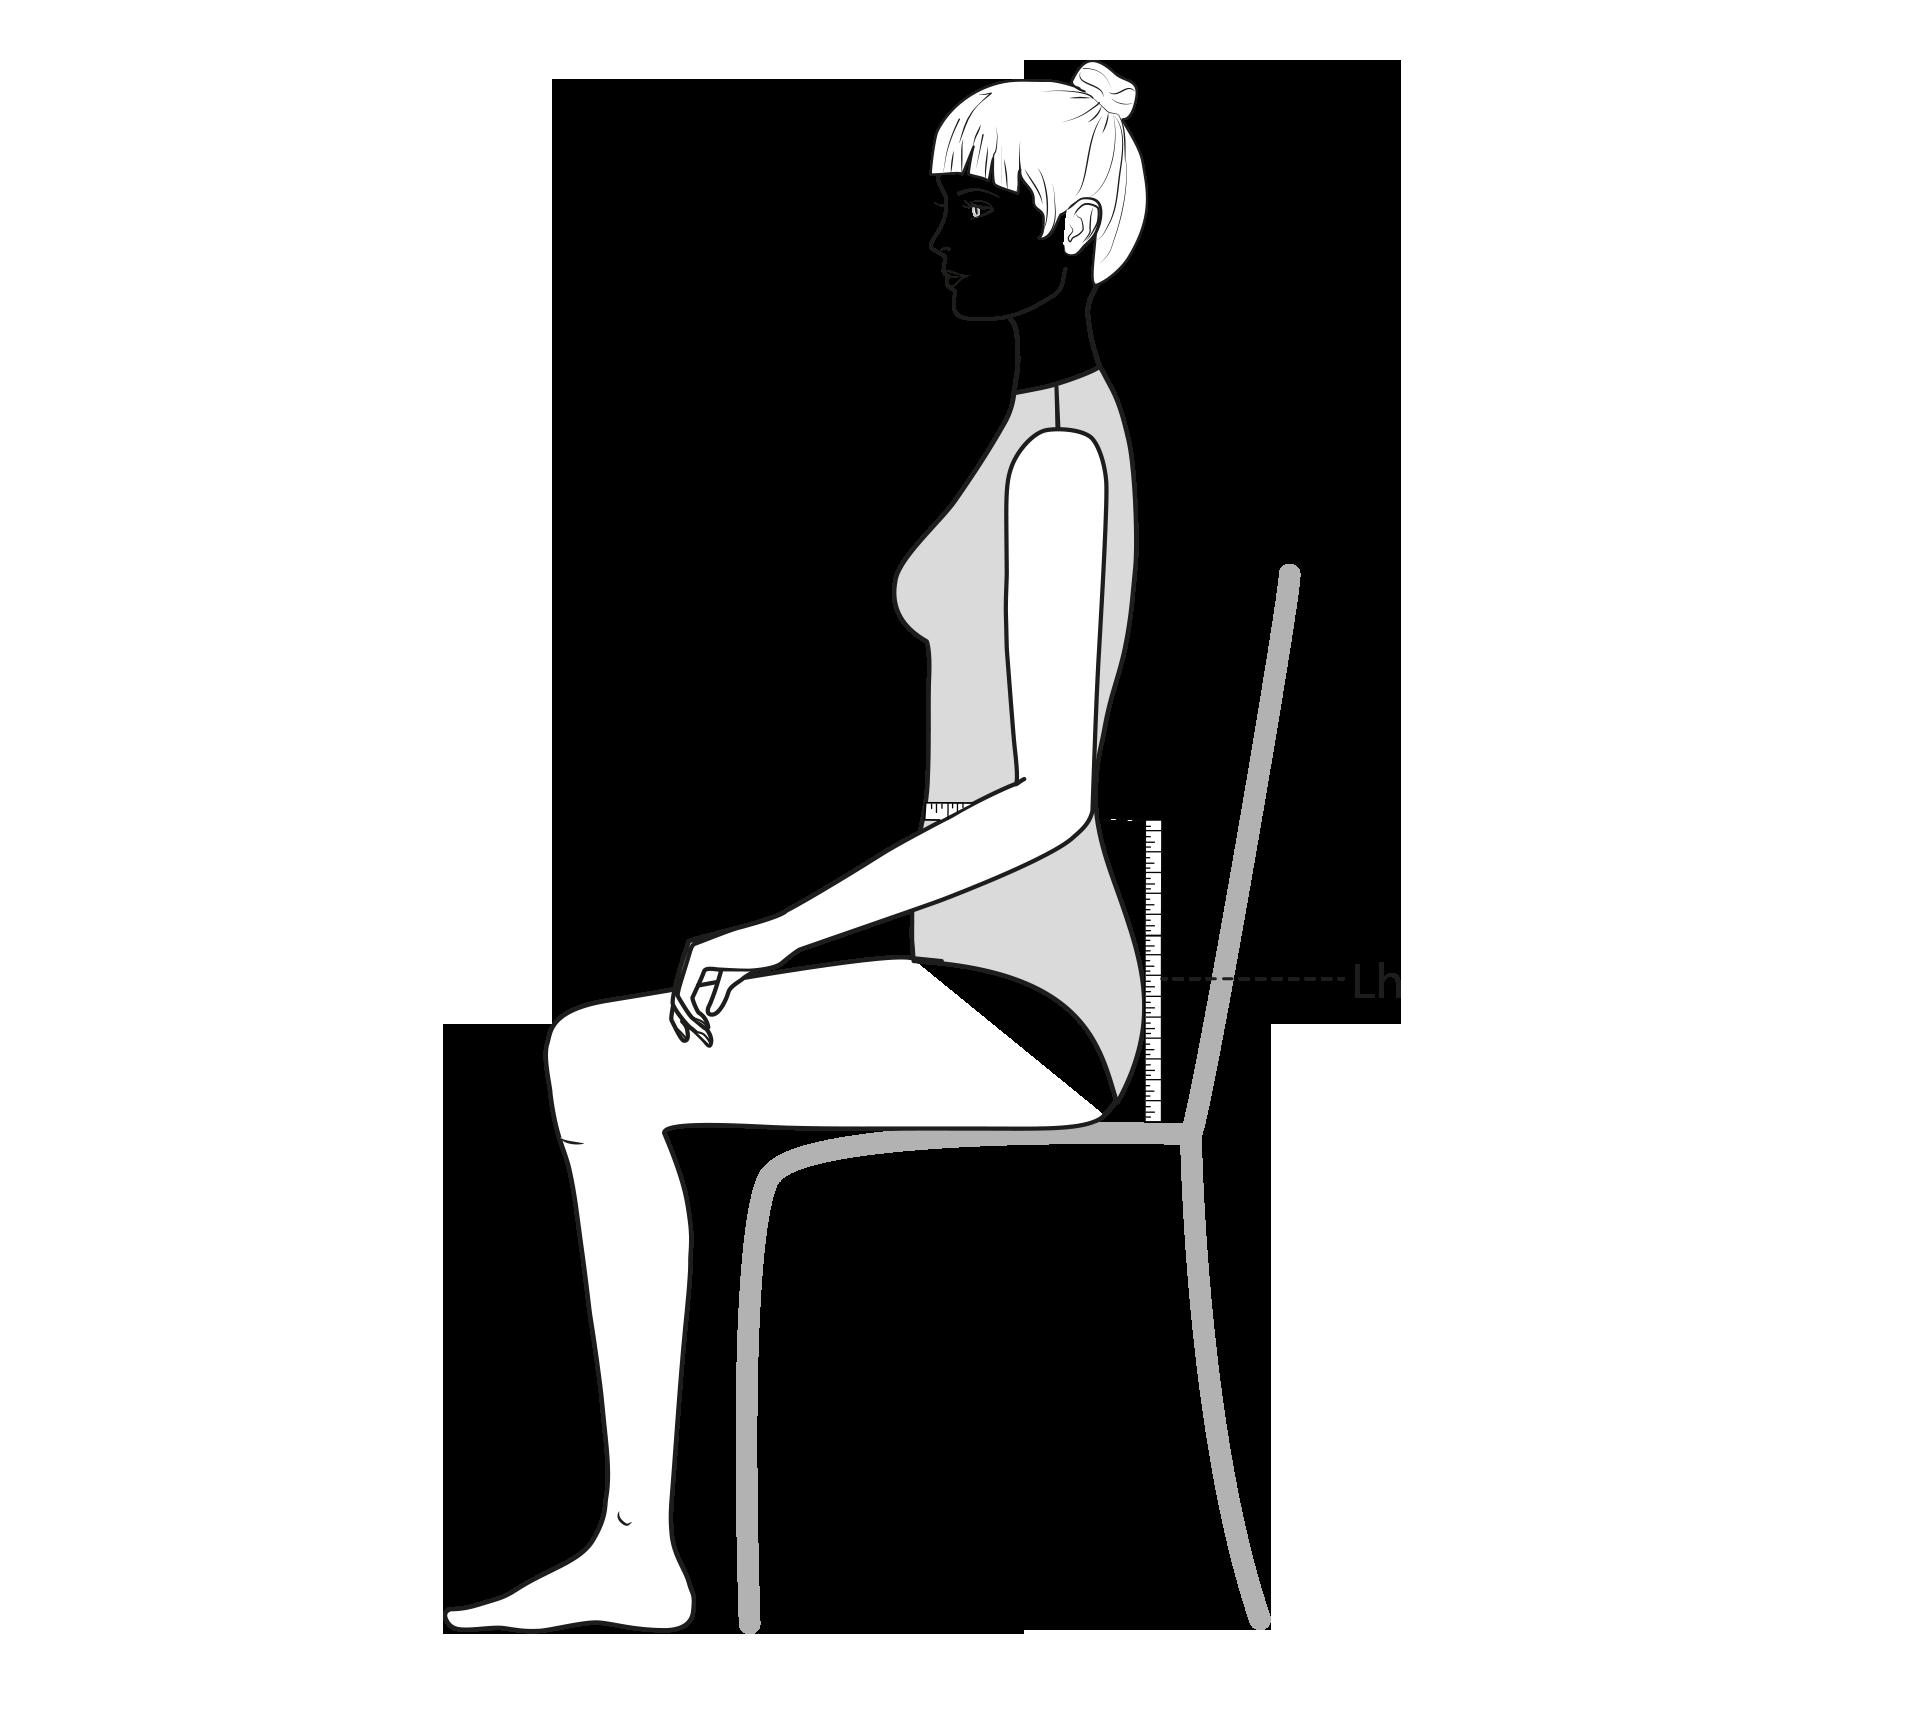 Diese Zeichnung zeigt das Messen der Leibhöhe.